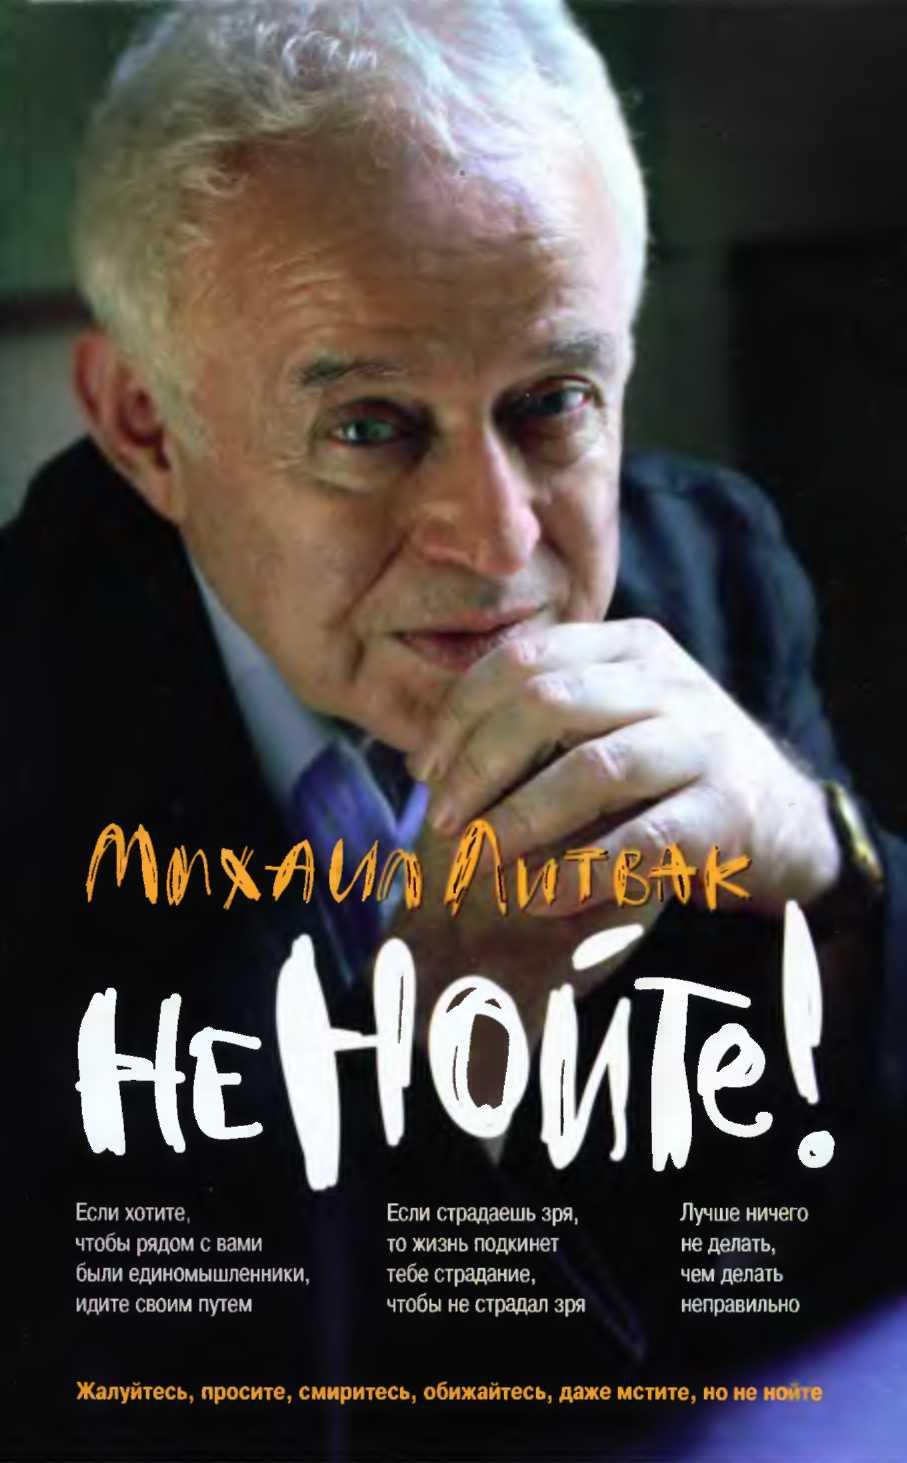 dvoynoe-proniknovenie-v-moyu-devushku